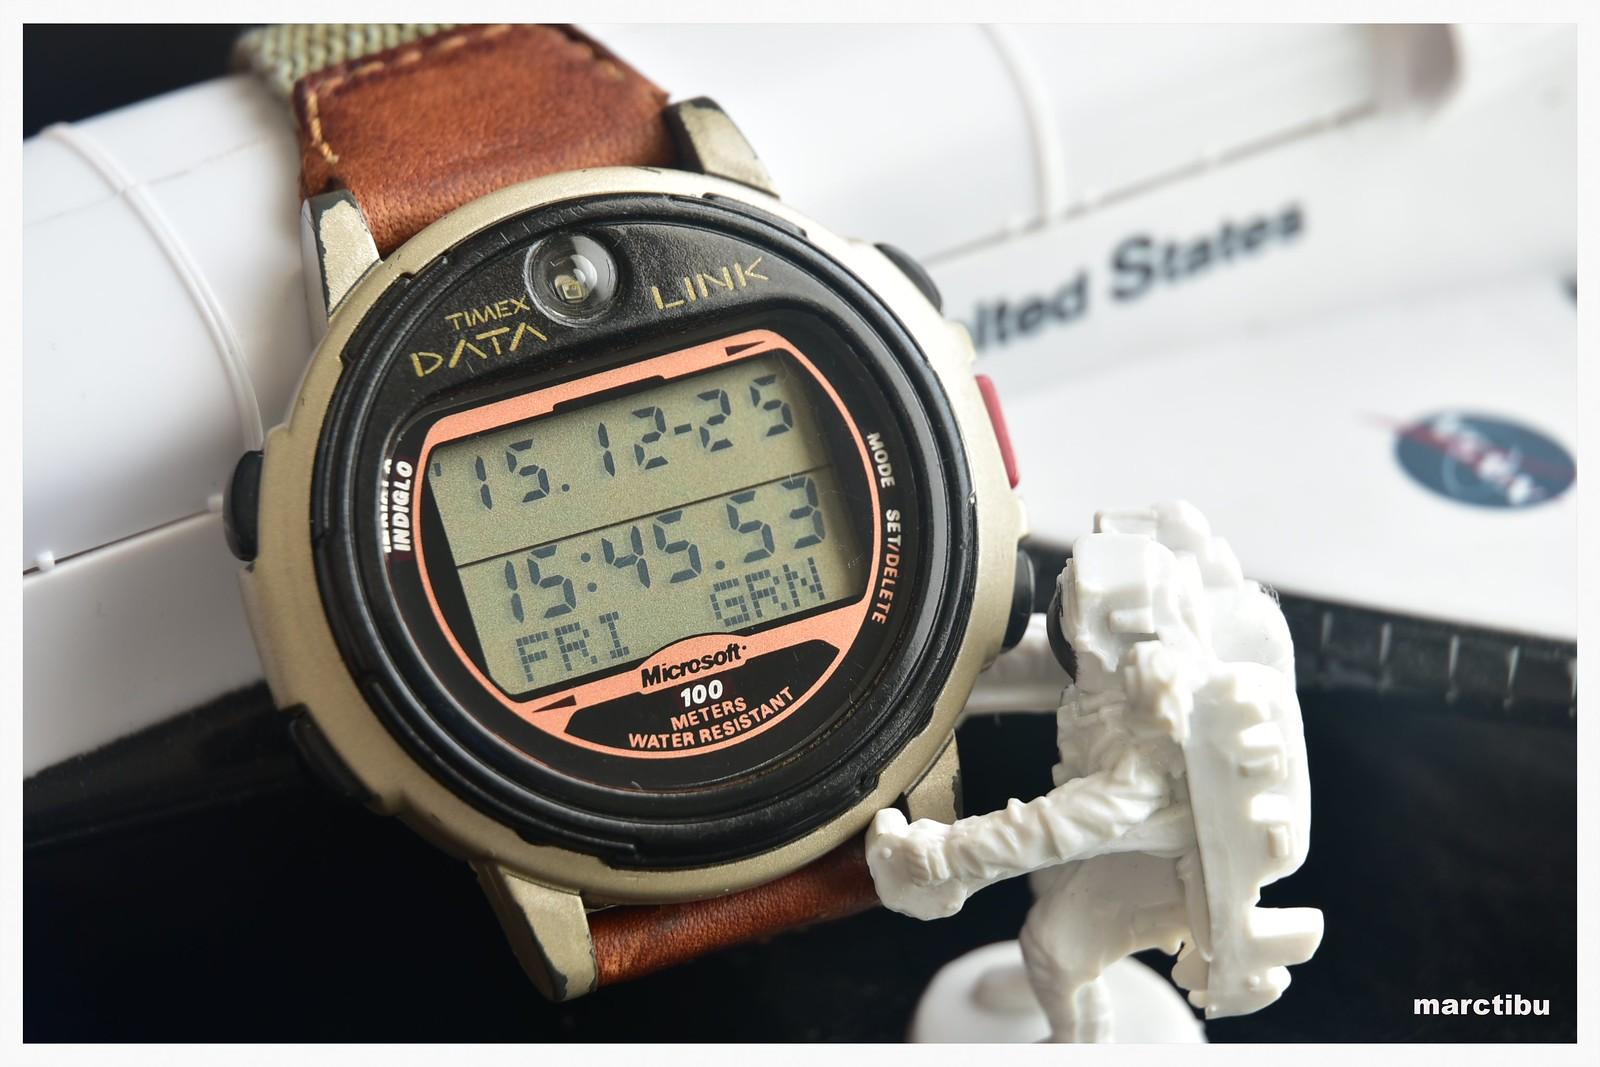 NASA approved: verdades, mentiras y otros relojes espaciales